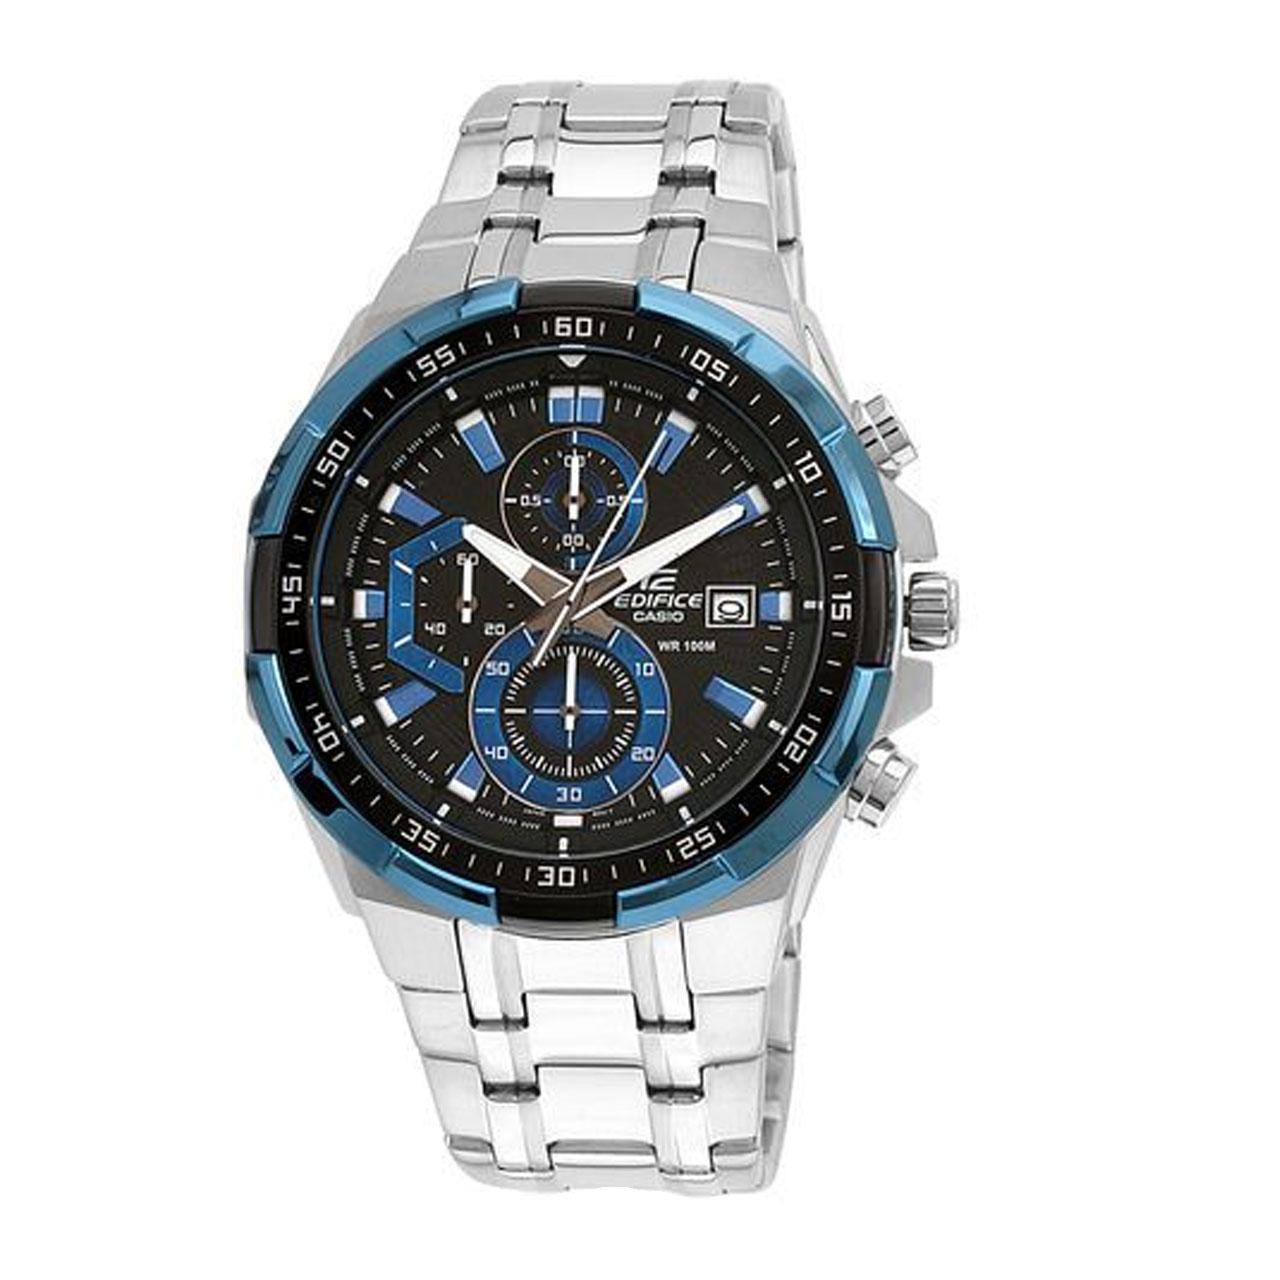 خرید ساعت مچی عقربه ای مردانه کاسیو ادیفایس مدل EFR-539D-1A2VUDF